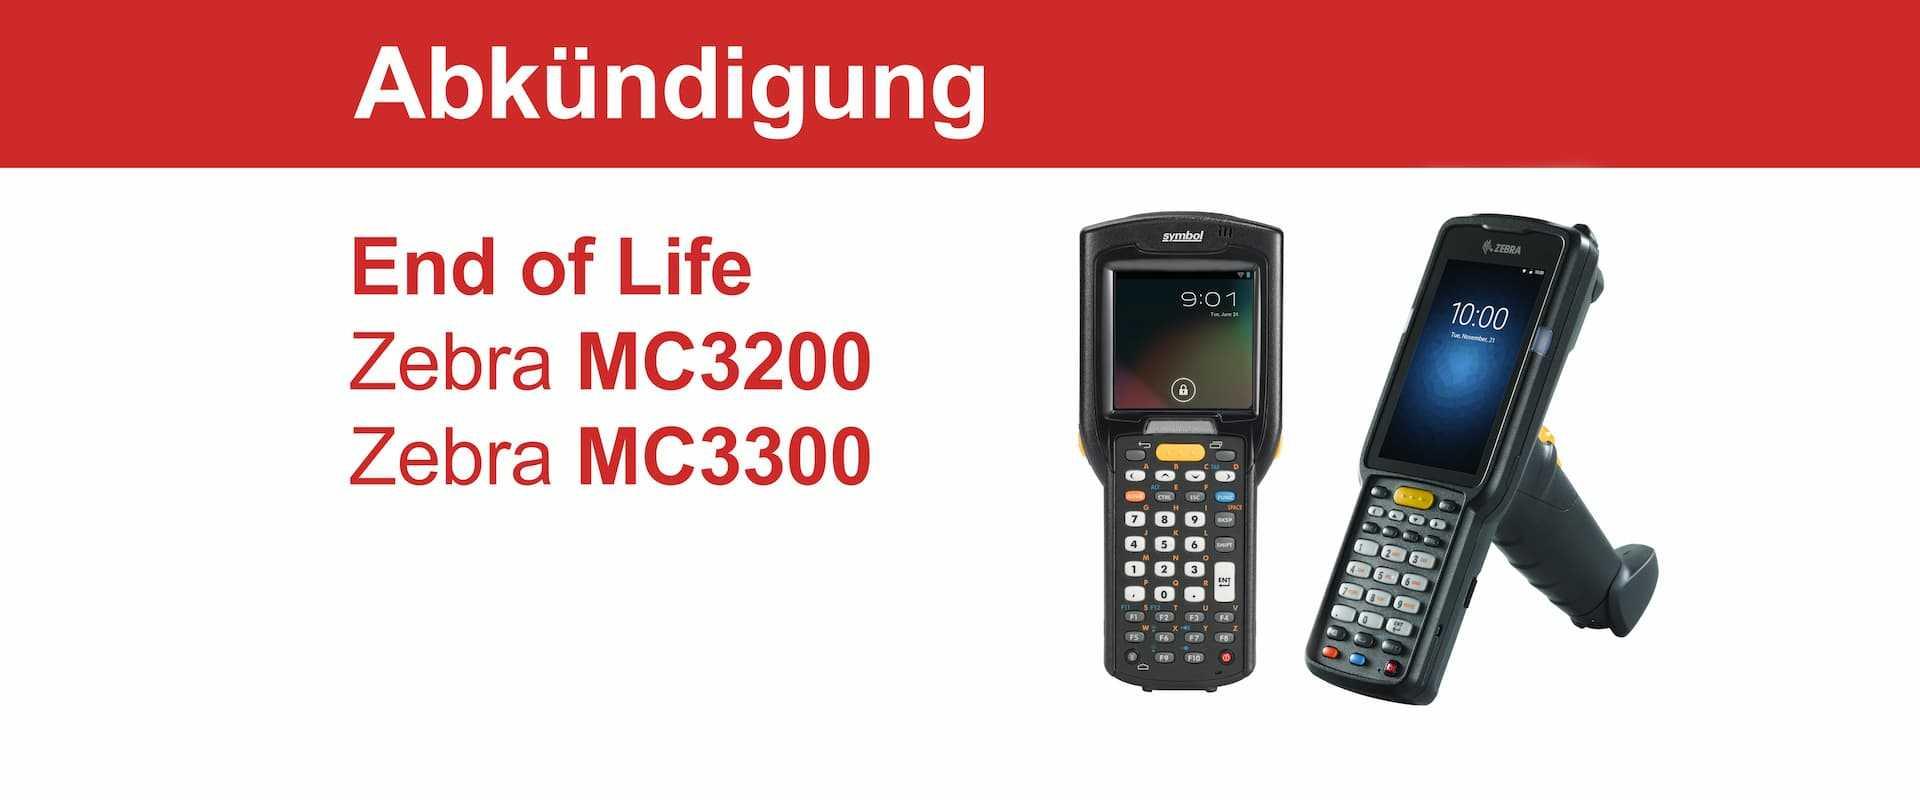 """""""End of Life"""" für den Zebra MC3200 und Zebra MC3300"""